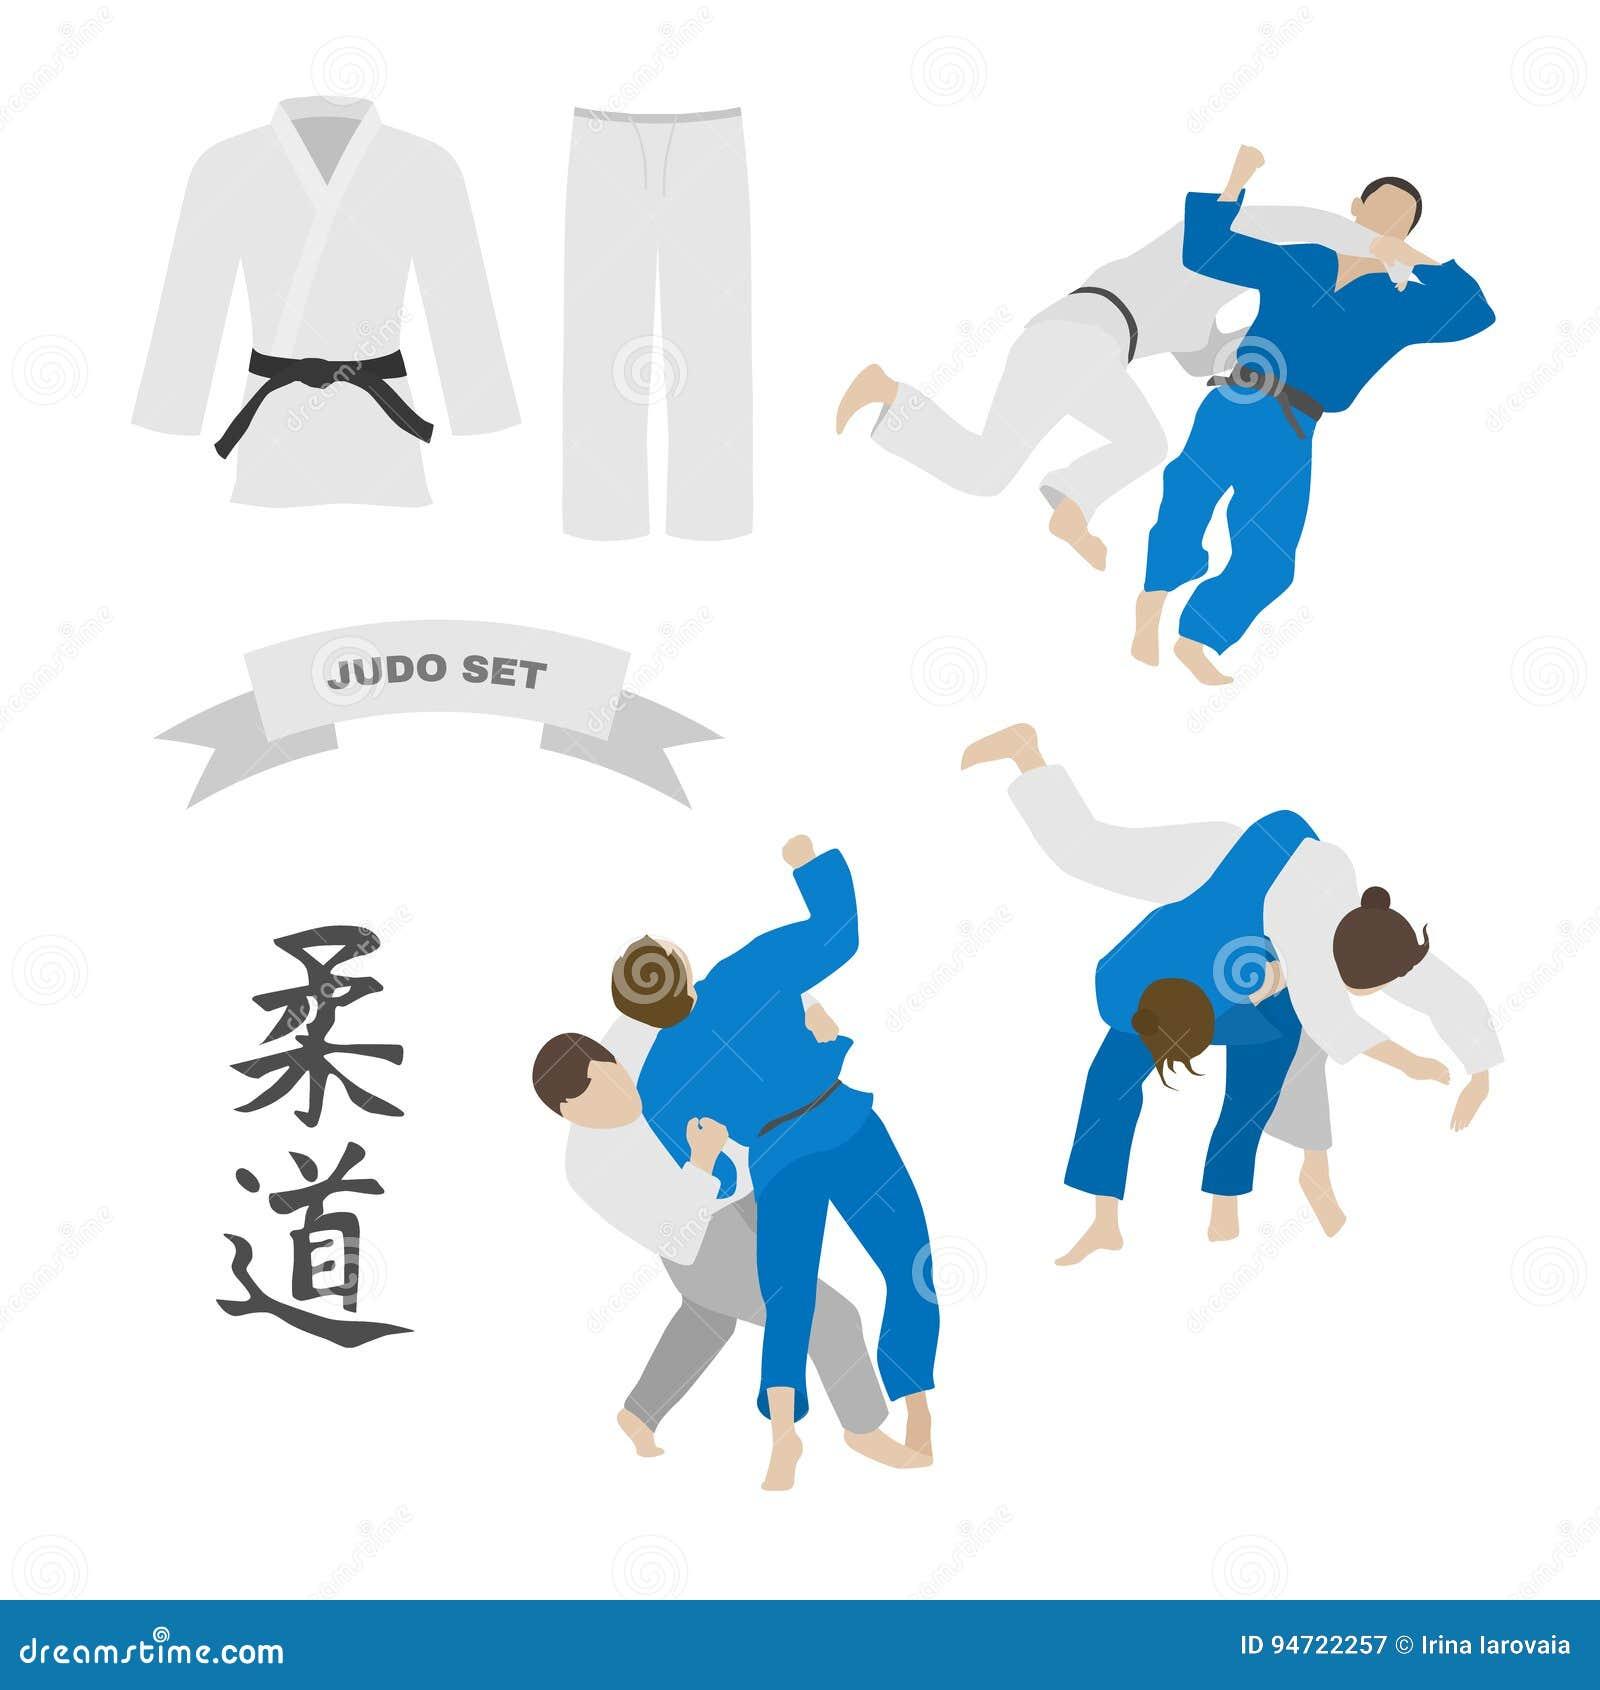 Immagini di judo da scaricare